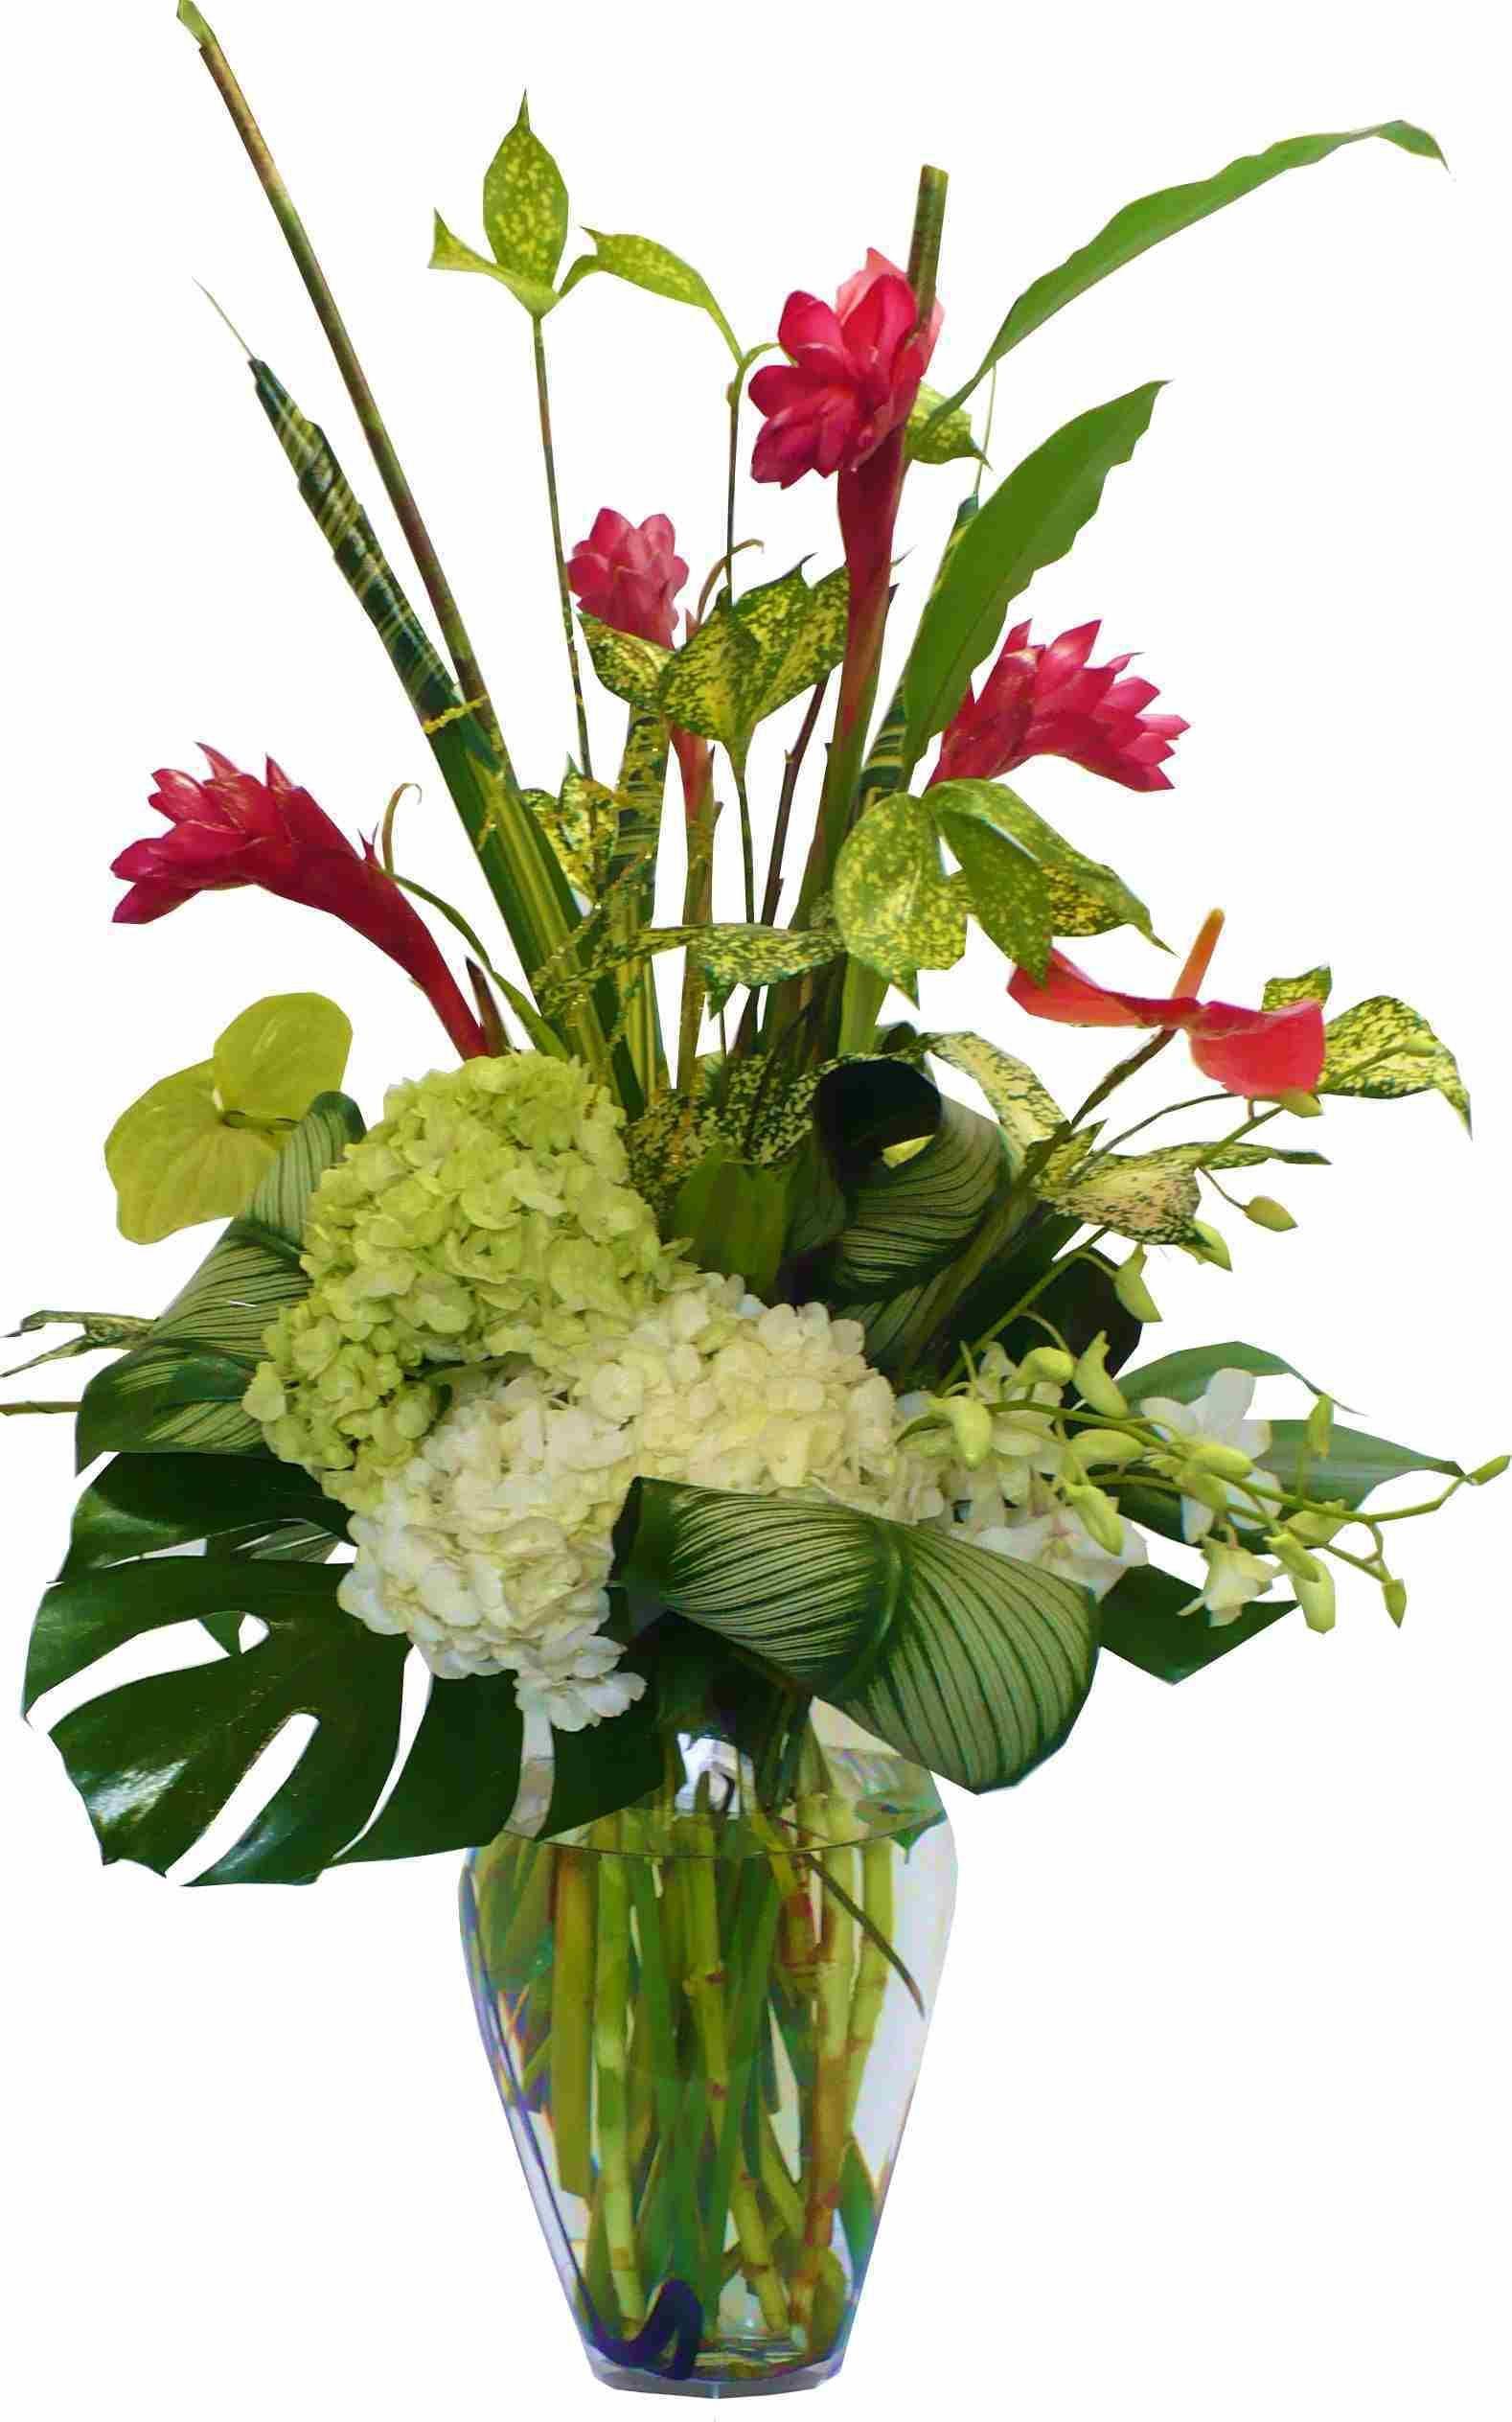 Image Result For Ginger Flower Arrangement Pictures Ginger Flower Flower Arrangements Flowers